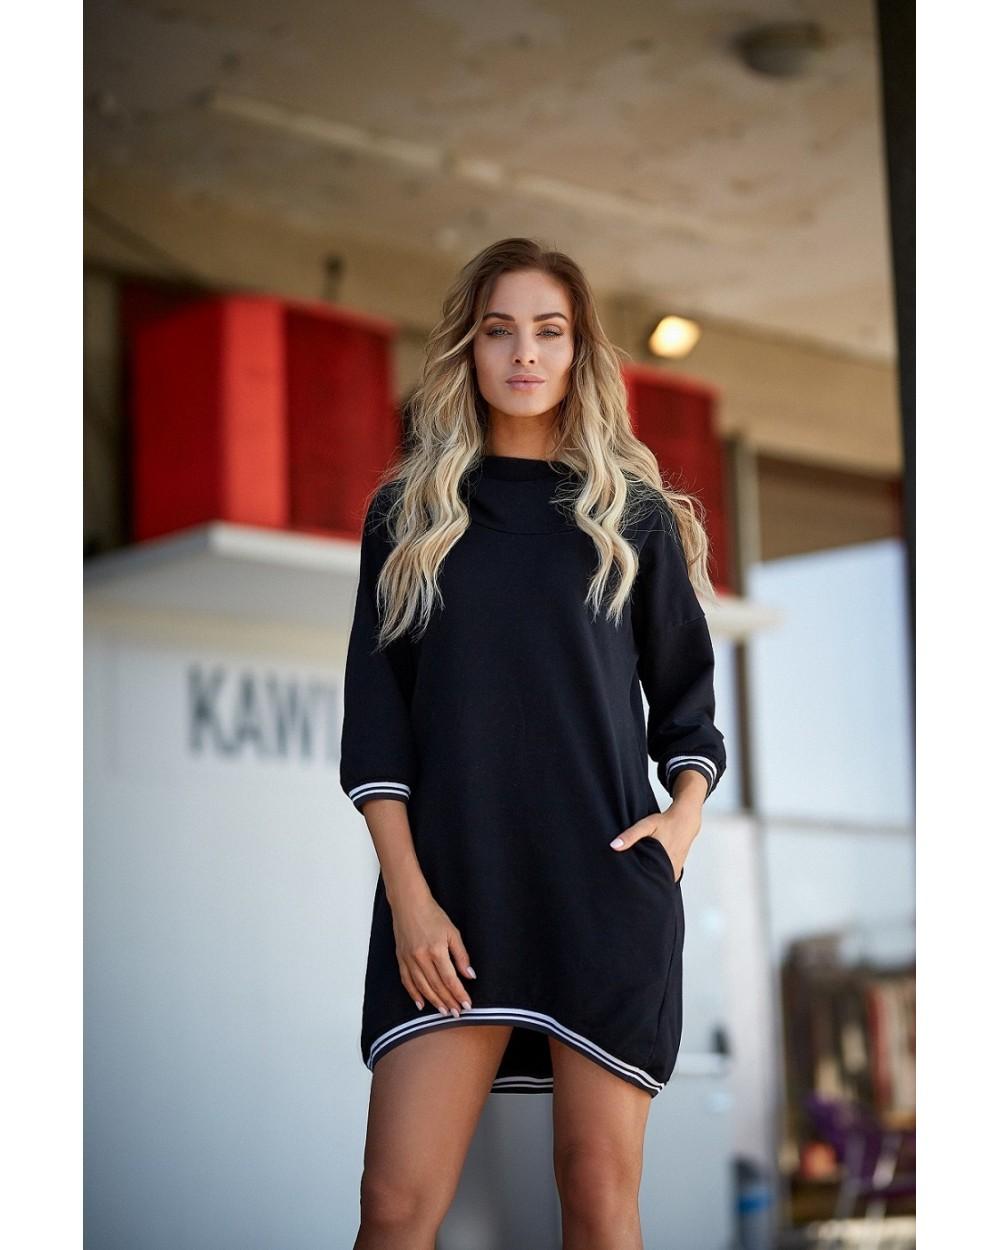 ace680aece Sukienka damska czarna z dzianiny sportowa z kapturem sklep online